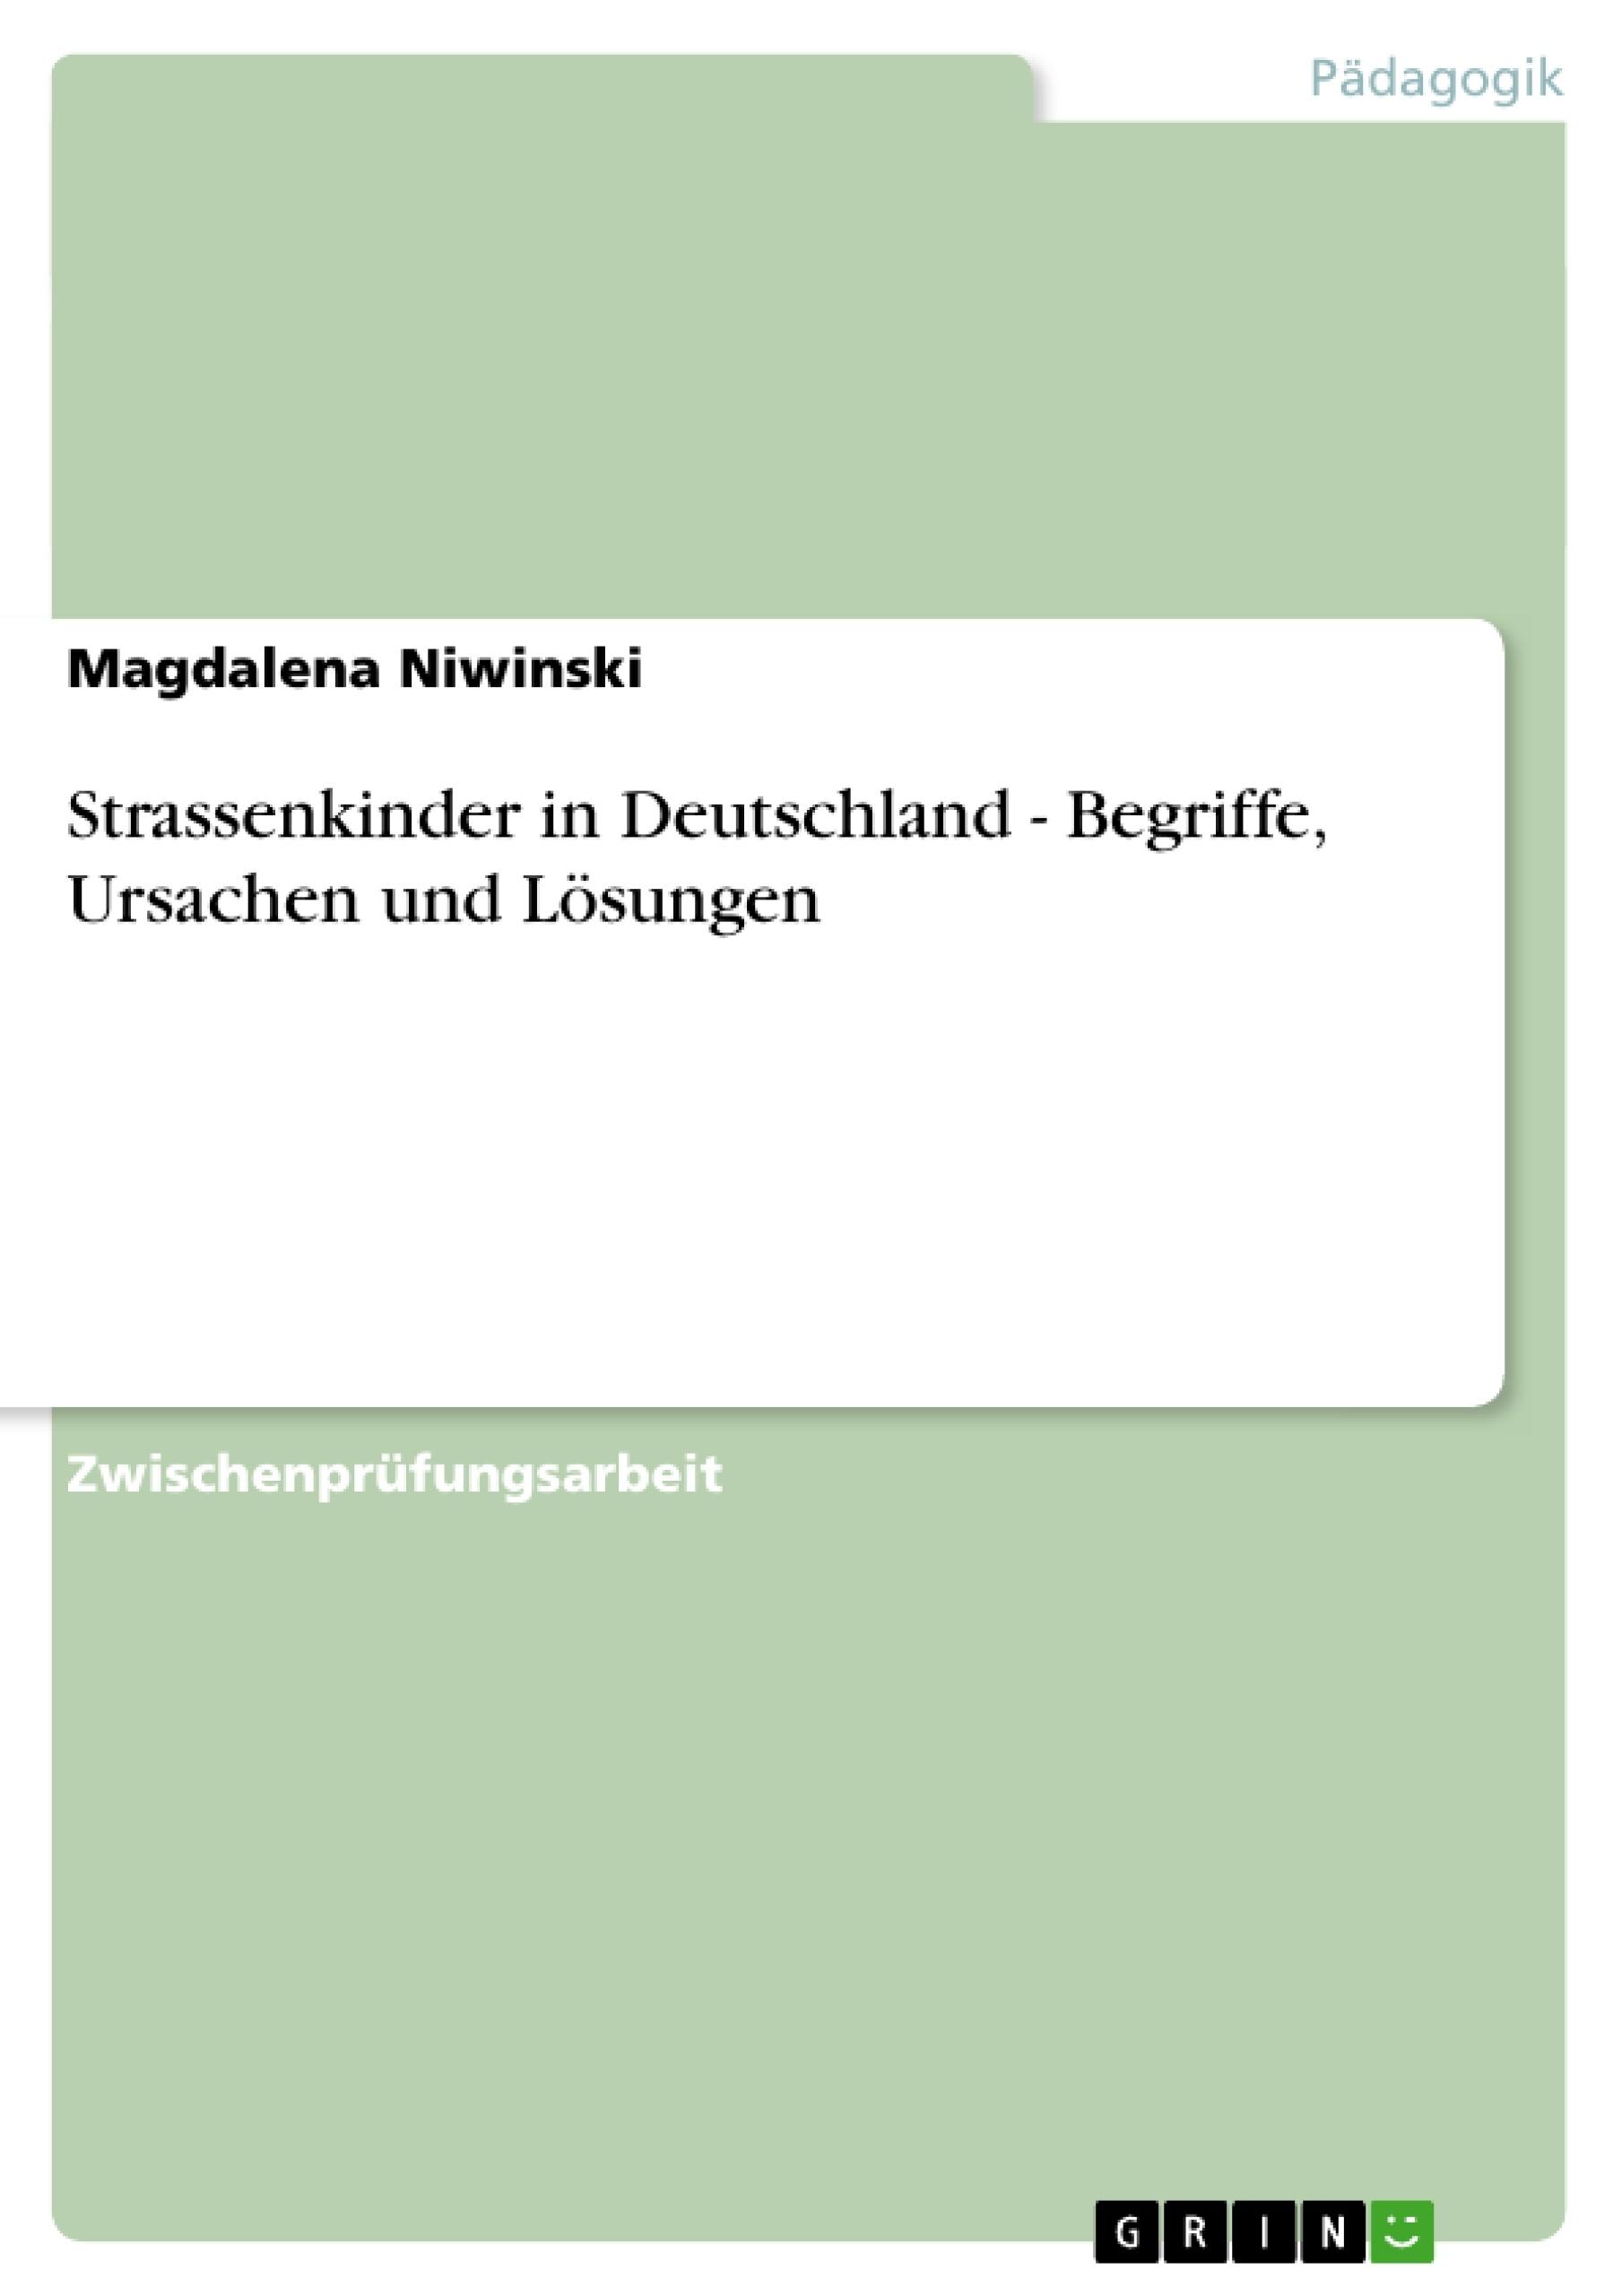 Titel: Strassenkinder in Deutschland - Begriffe, Ursachen und Lösungen